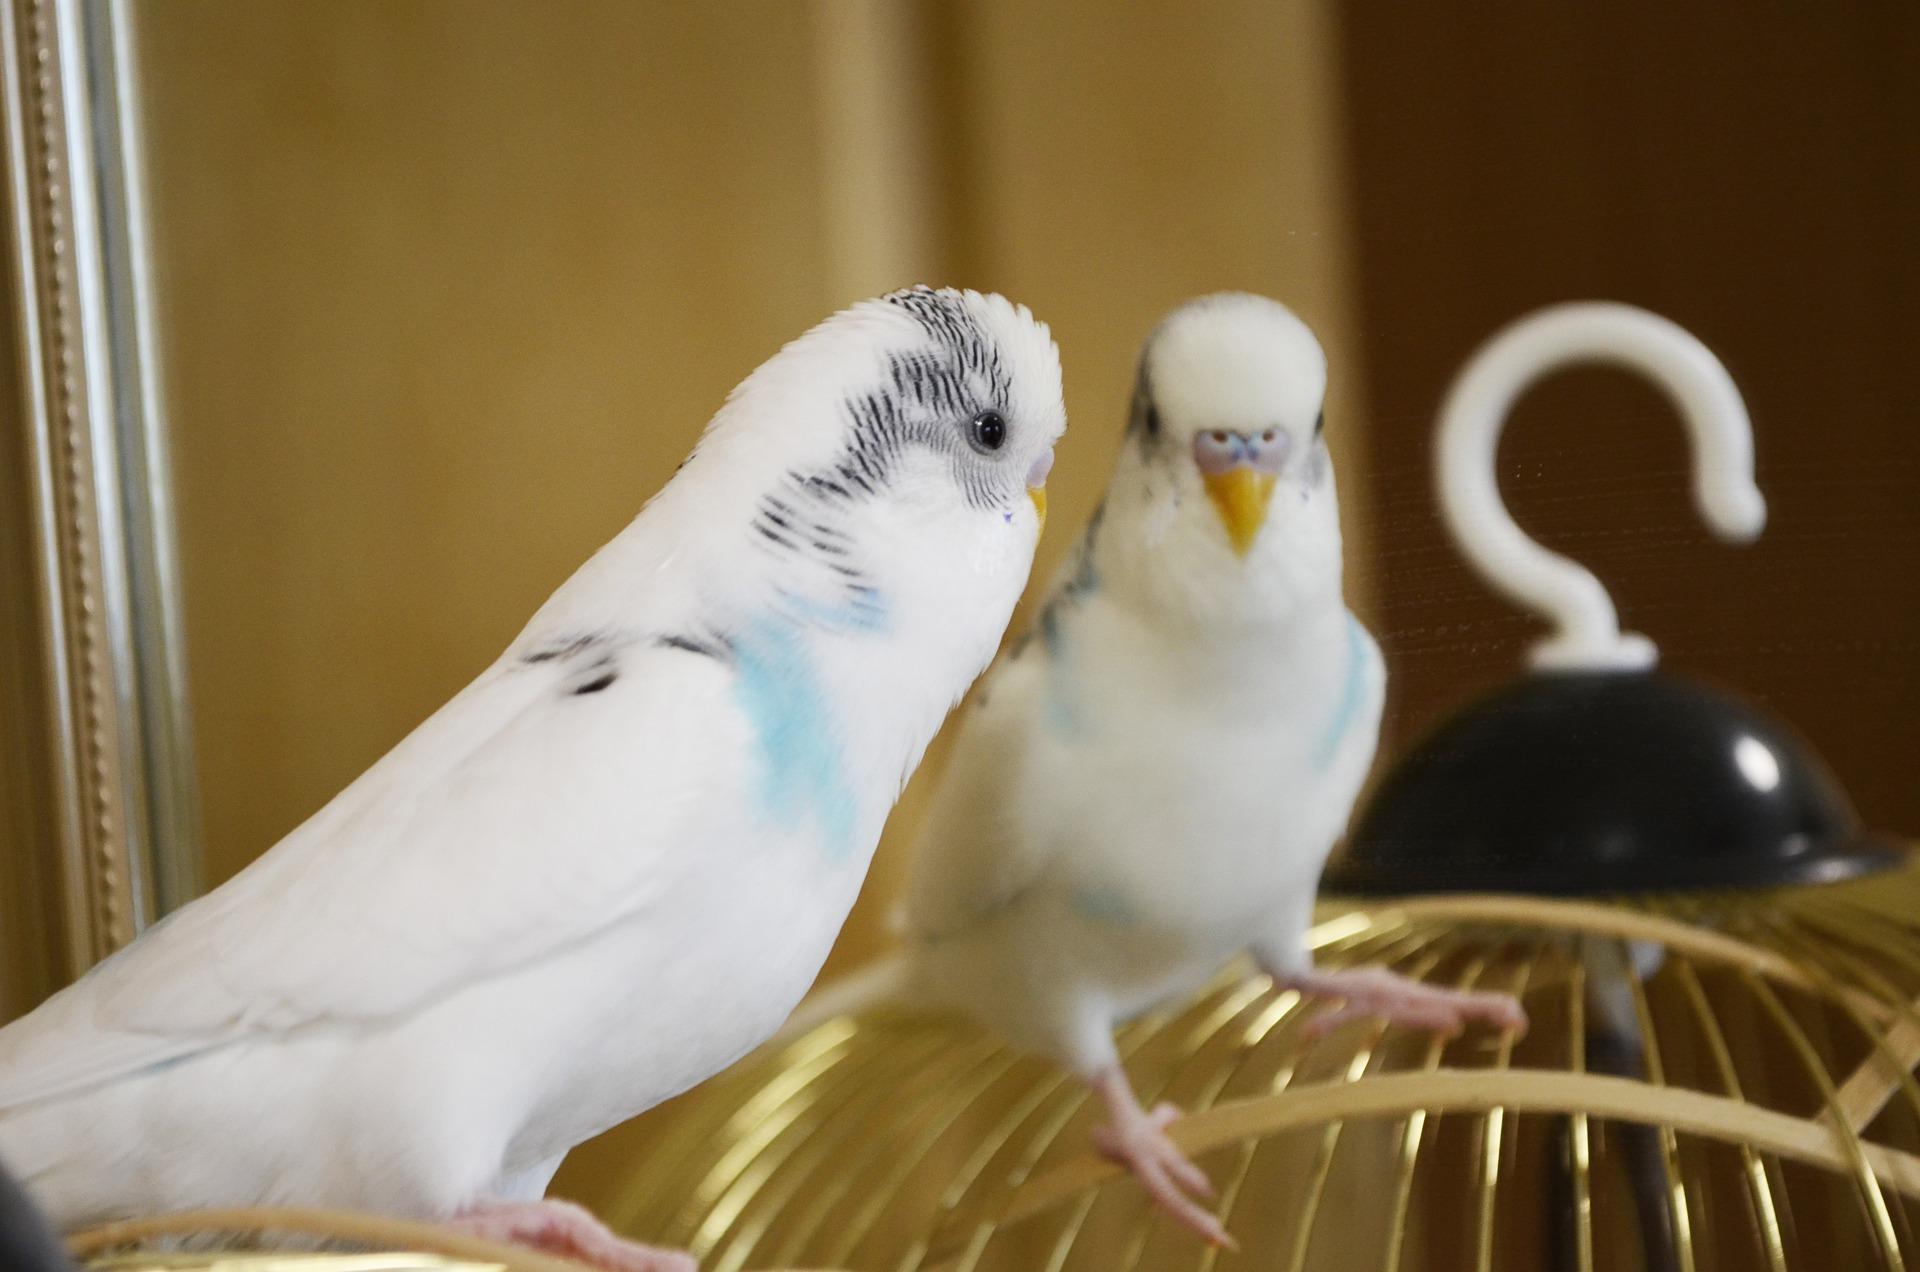 Nazwa papugi falistej wzięła się od charakterystycznego wzoru za uszkami papug. Wzory te przypominają fale i rozchodzą się delikatnie wzdłuż.